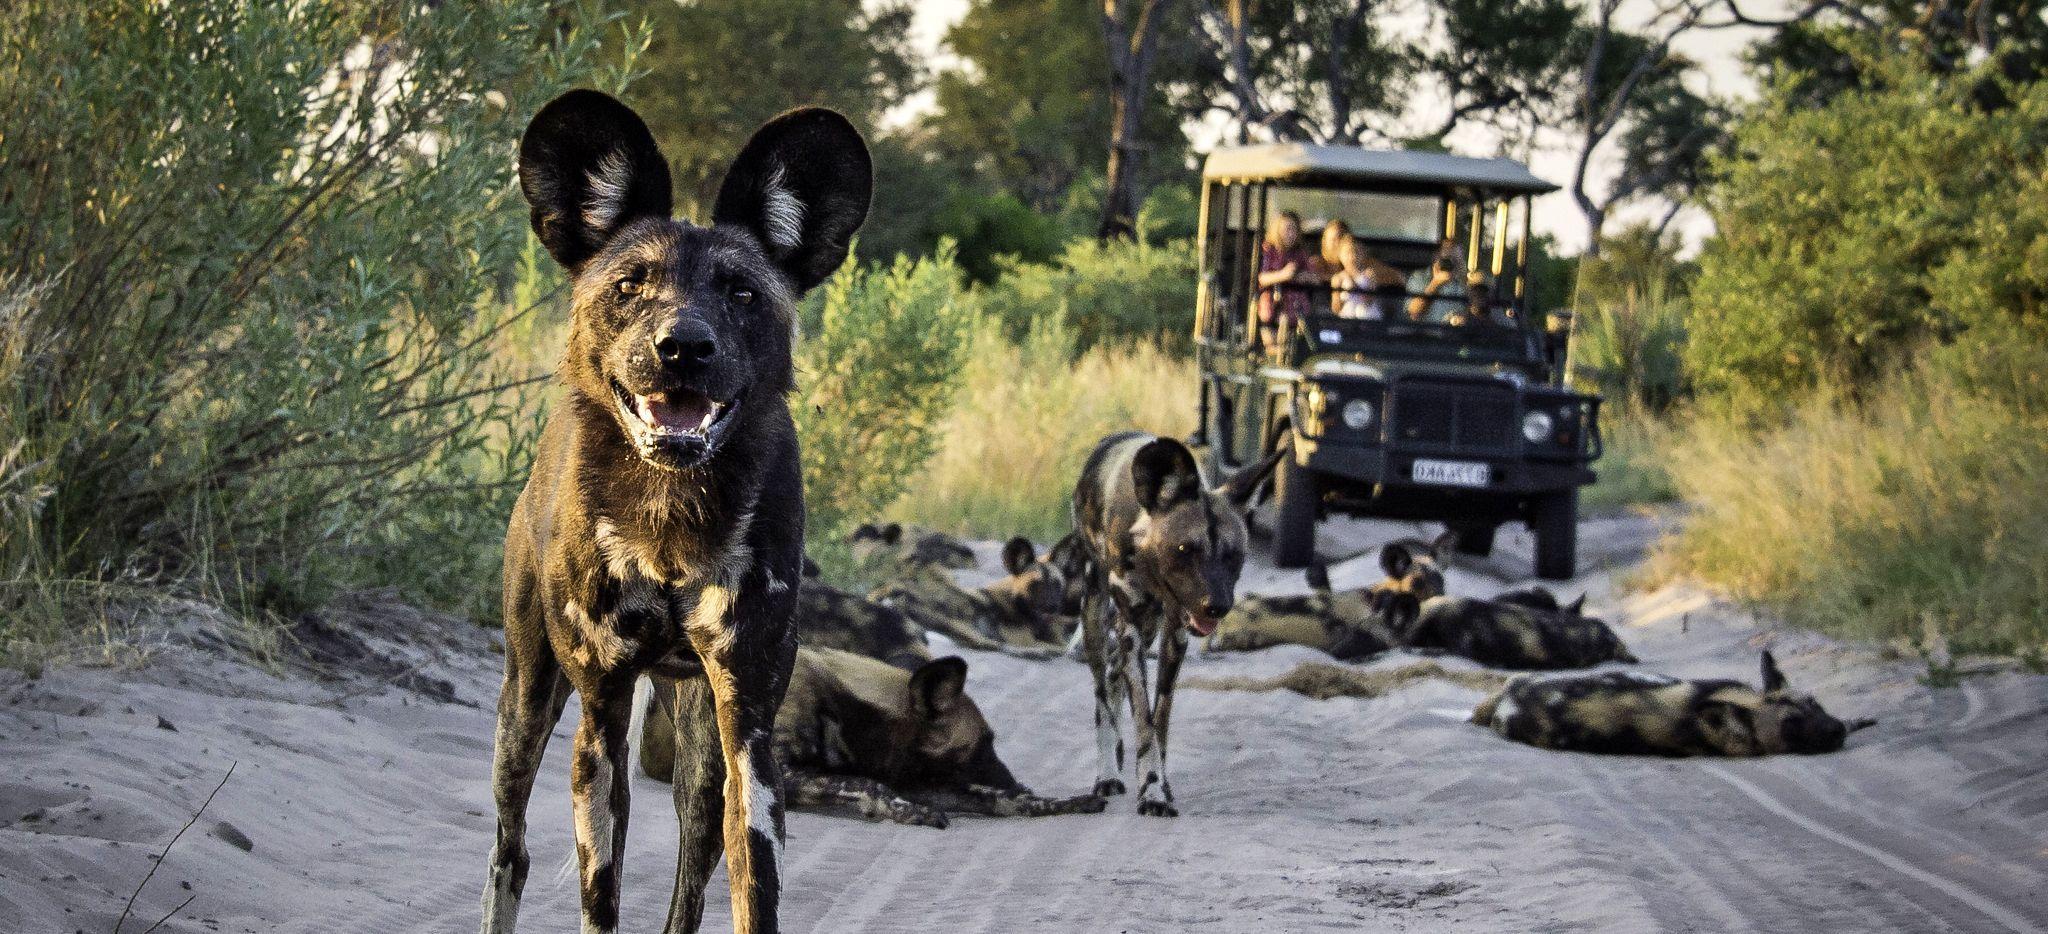 Ein Wildhund blickt in die Kamera, im Hintergrund ein Safari-Jeep